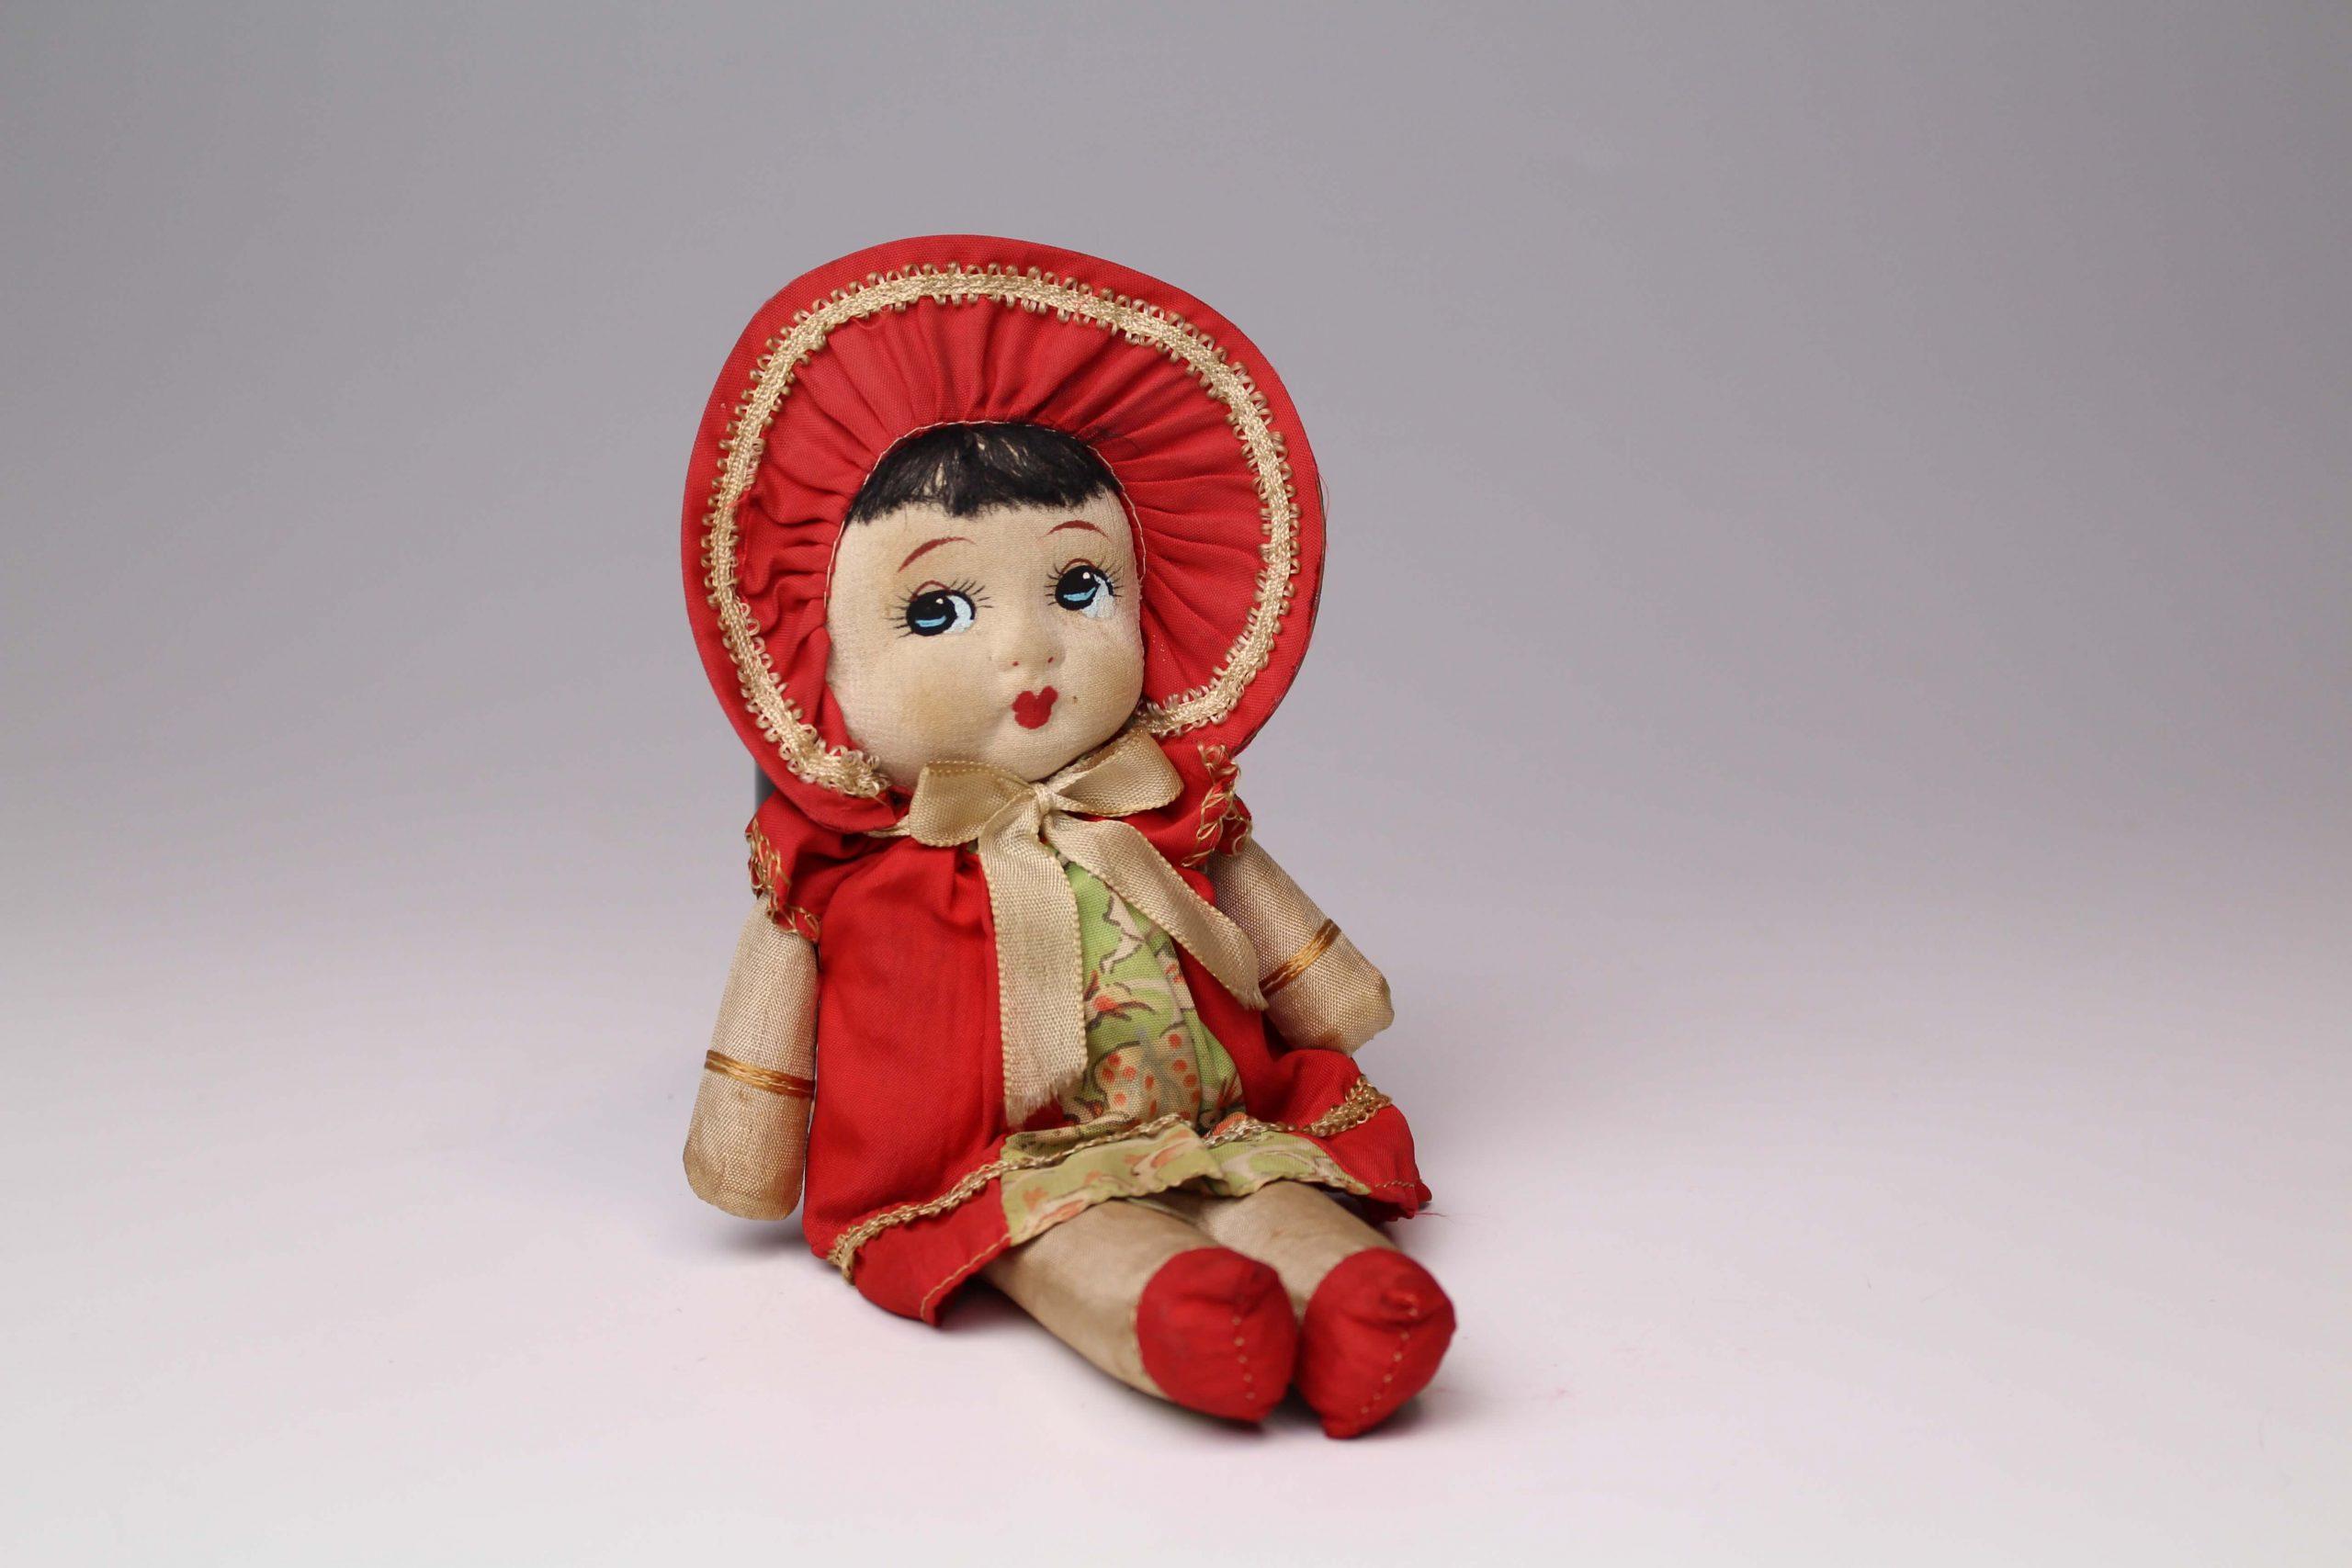 昭和初期のモダン玩具